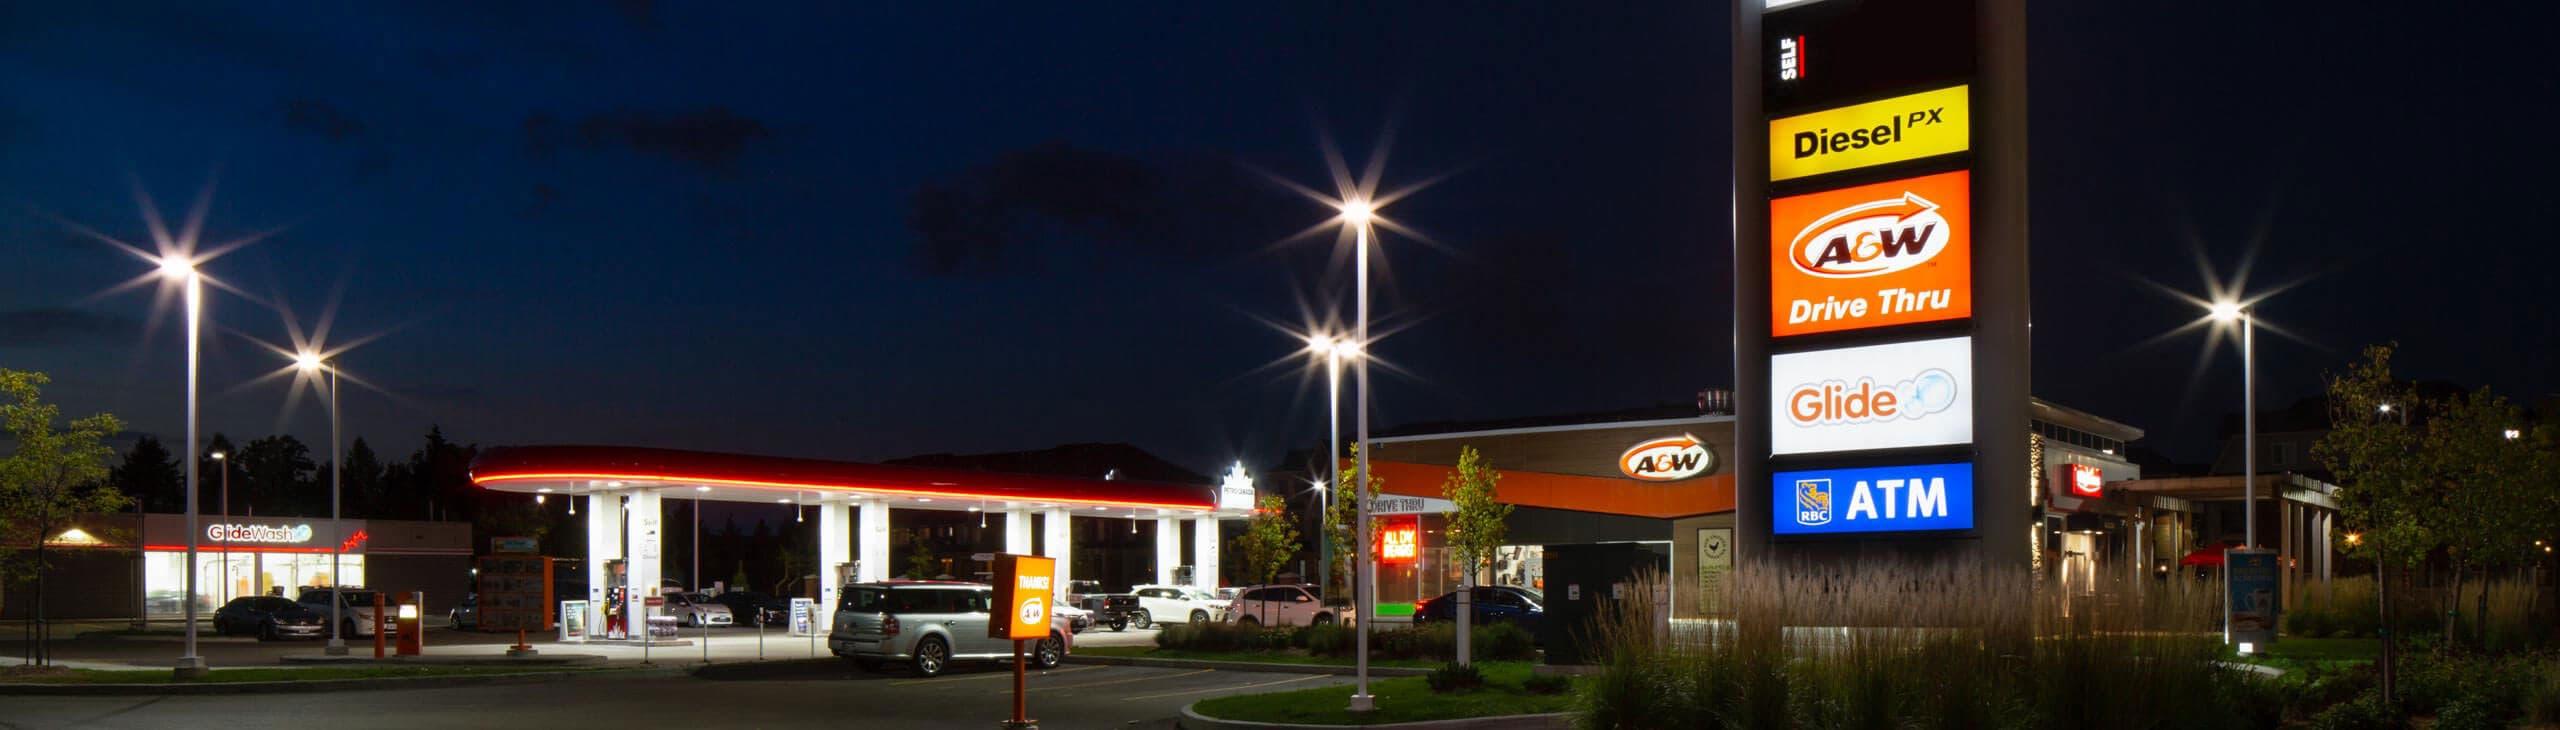 Une station-service Petro-Canada le soir.